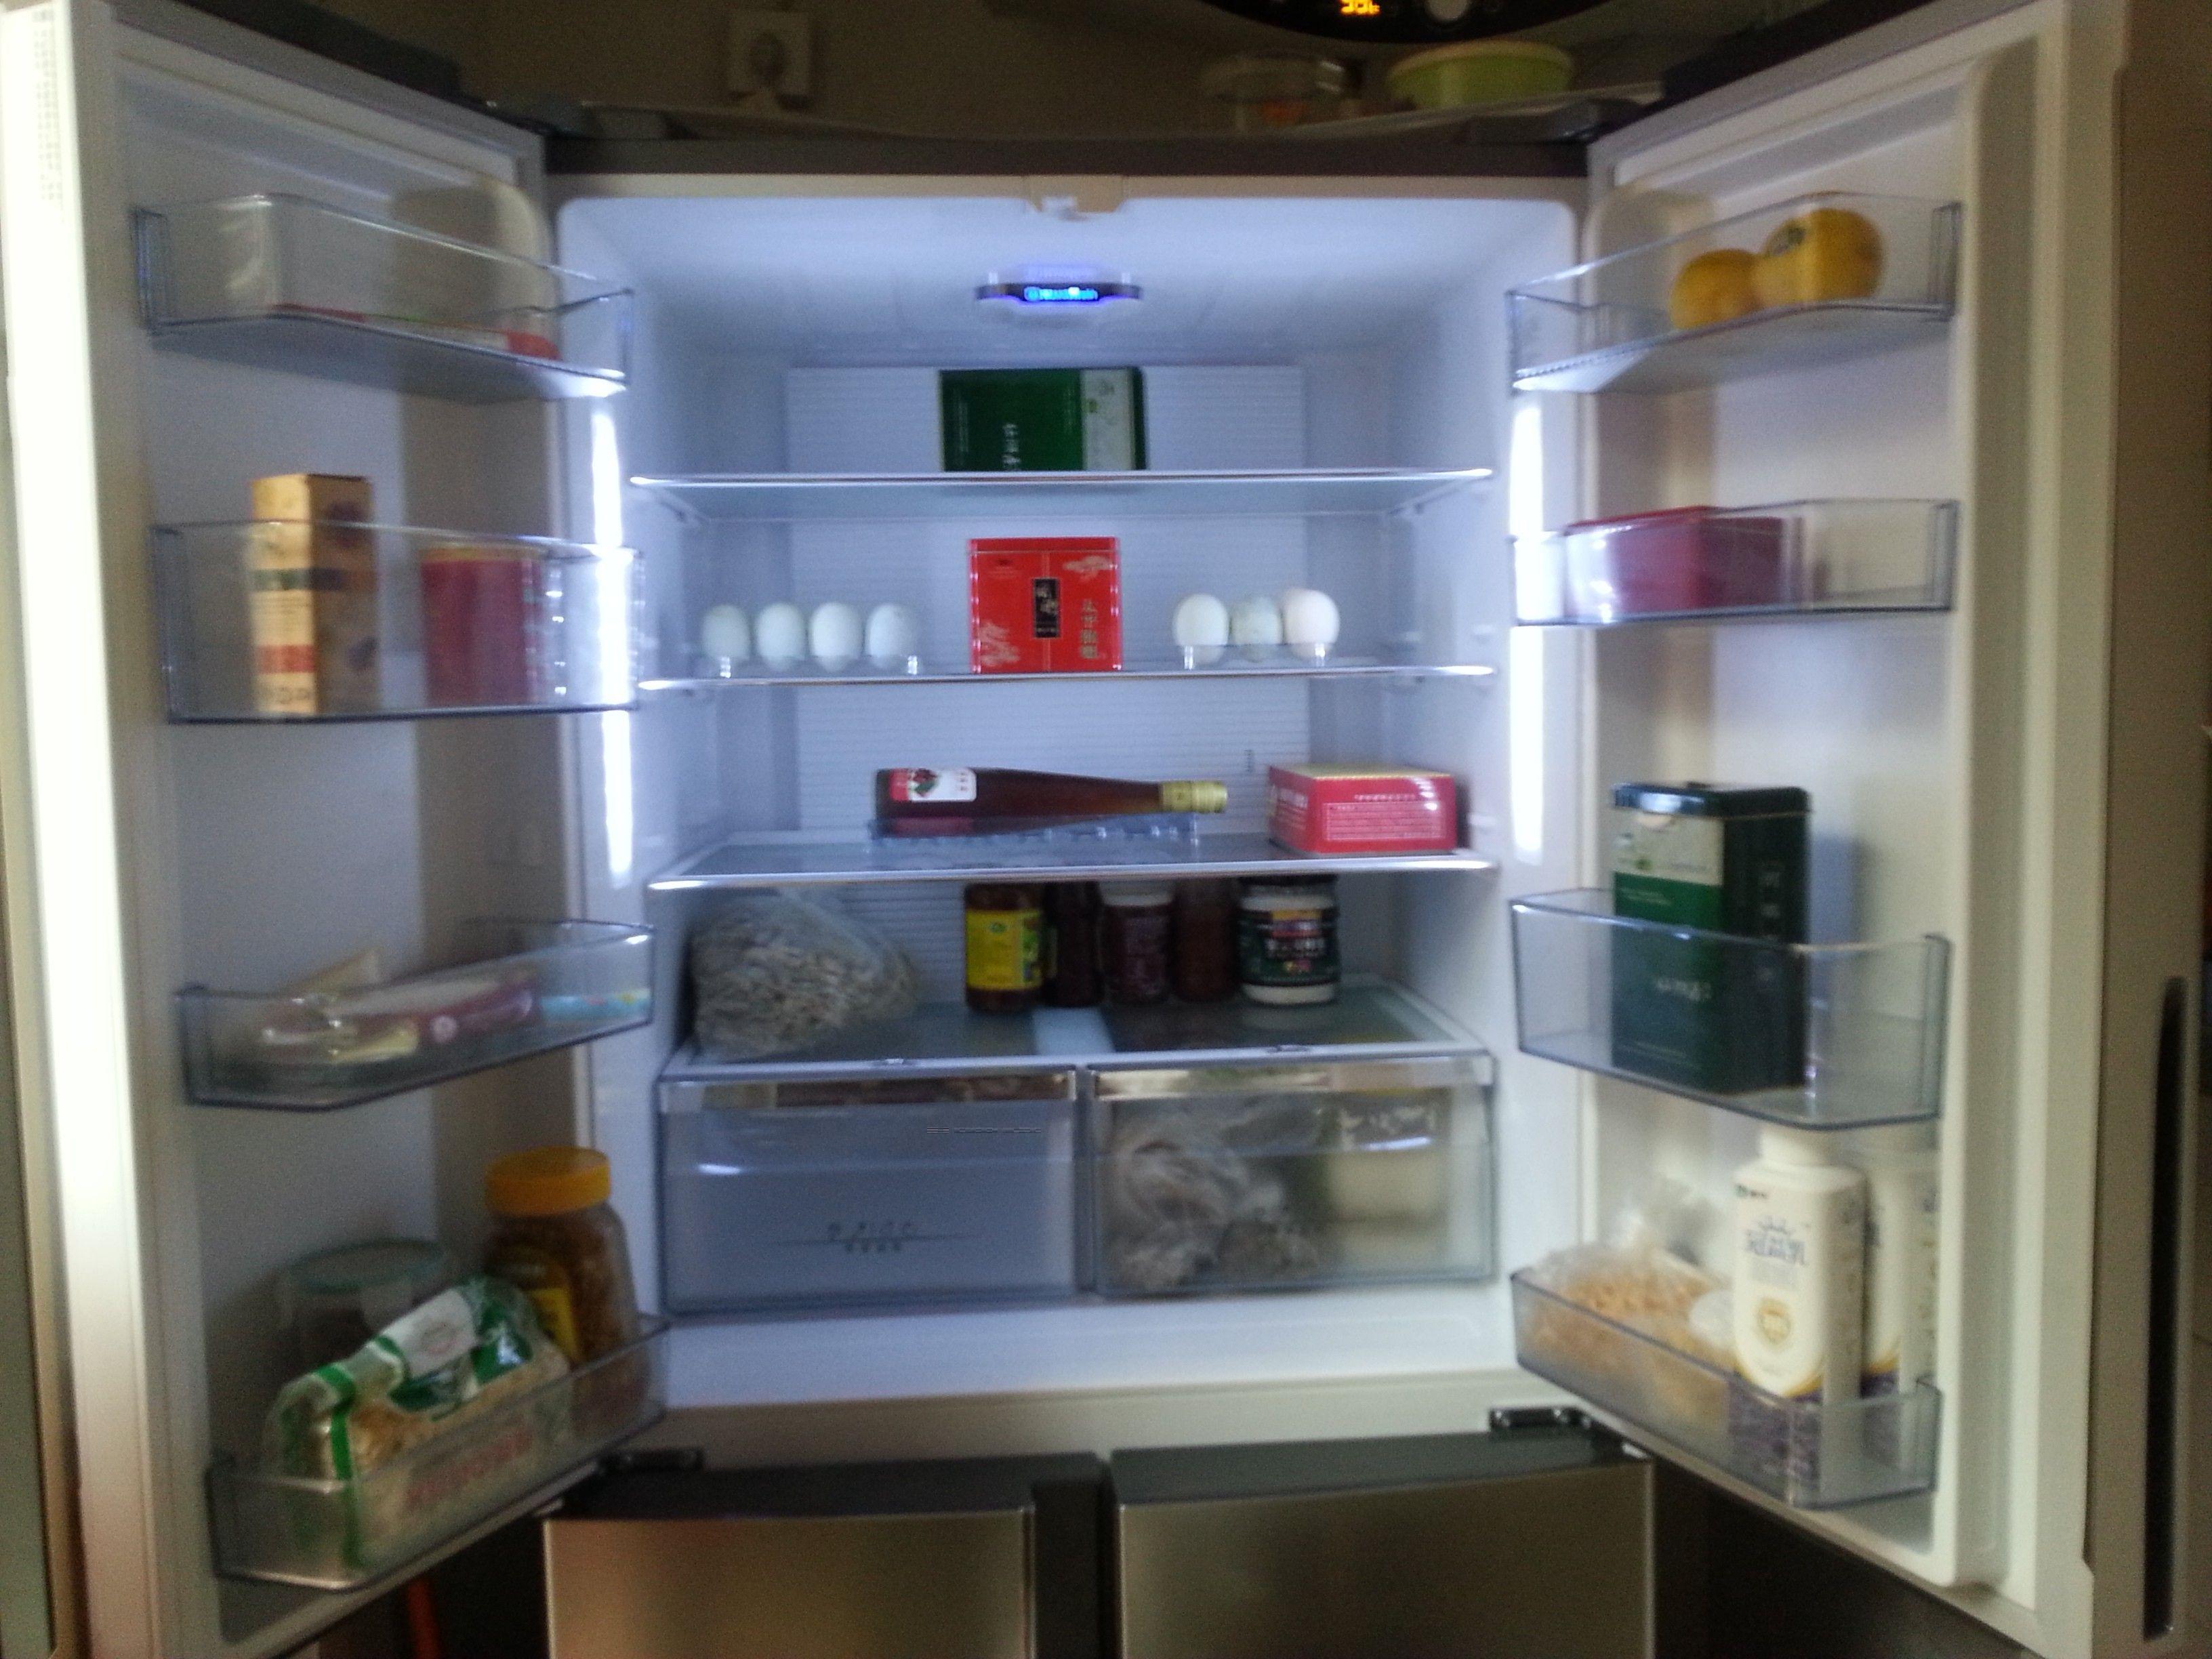 厨房虽小,客厅虽然也能放冰箱,可因为弄吃方便,就想放在厨房,对开门